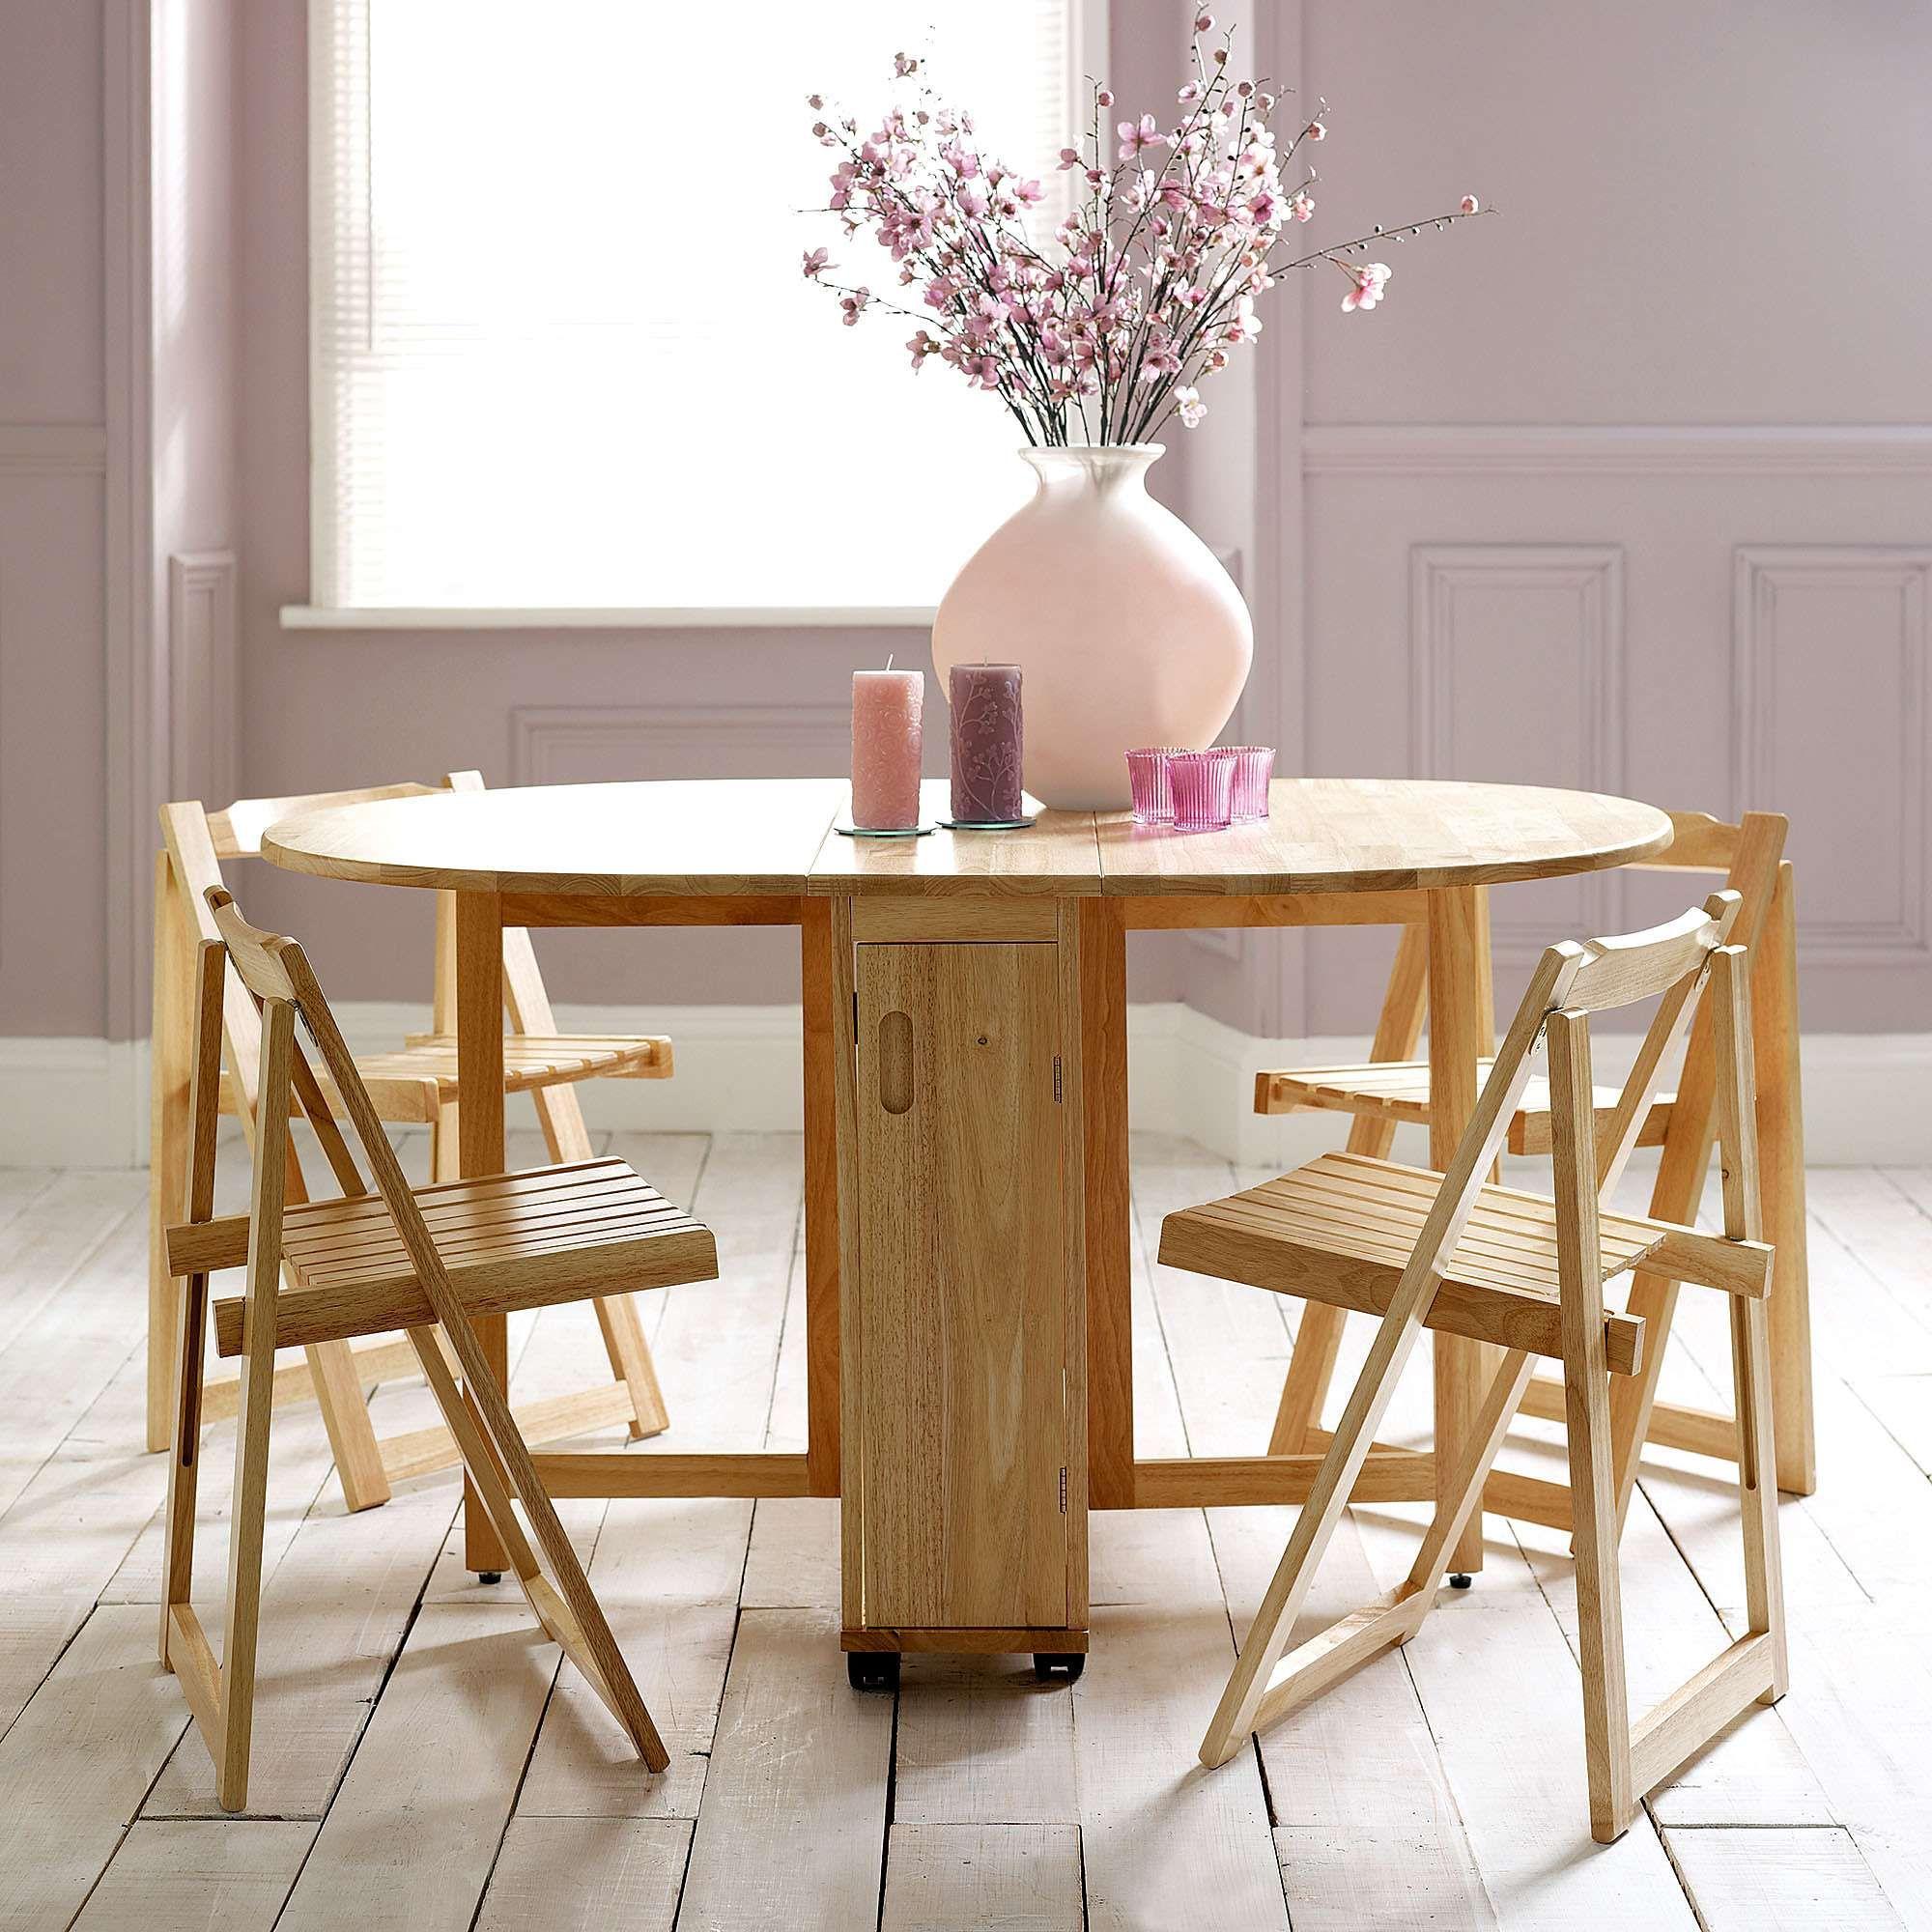 kleinen tisch und stühlen  kleiner tisch und stühle